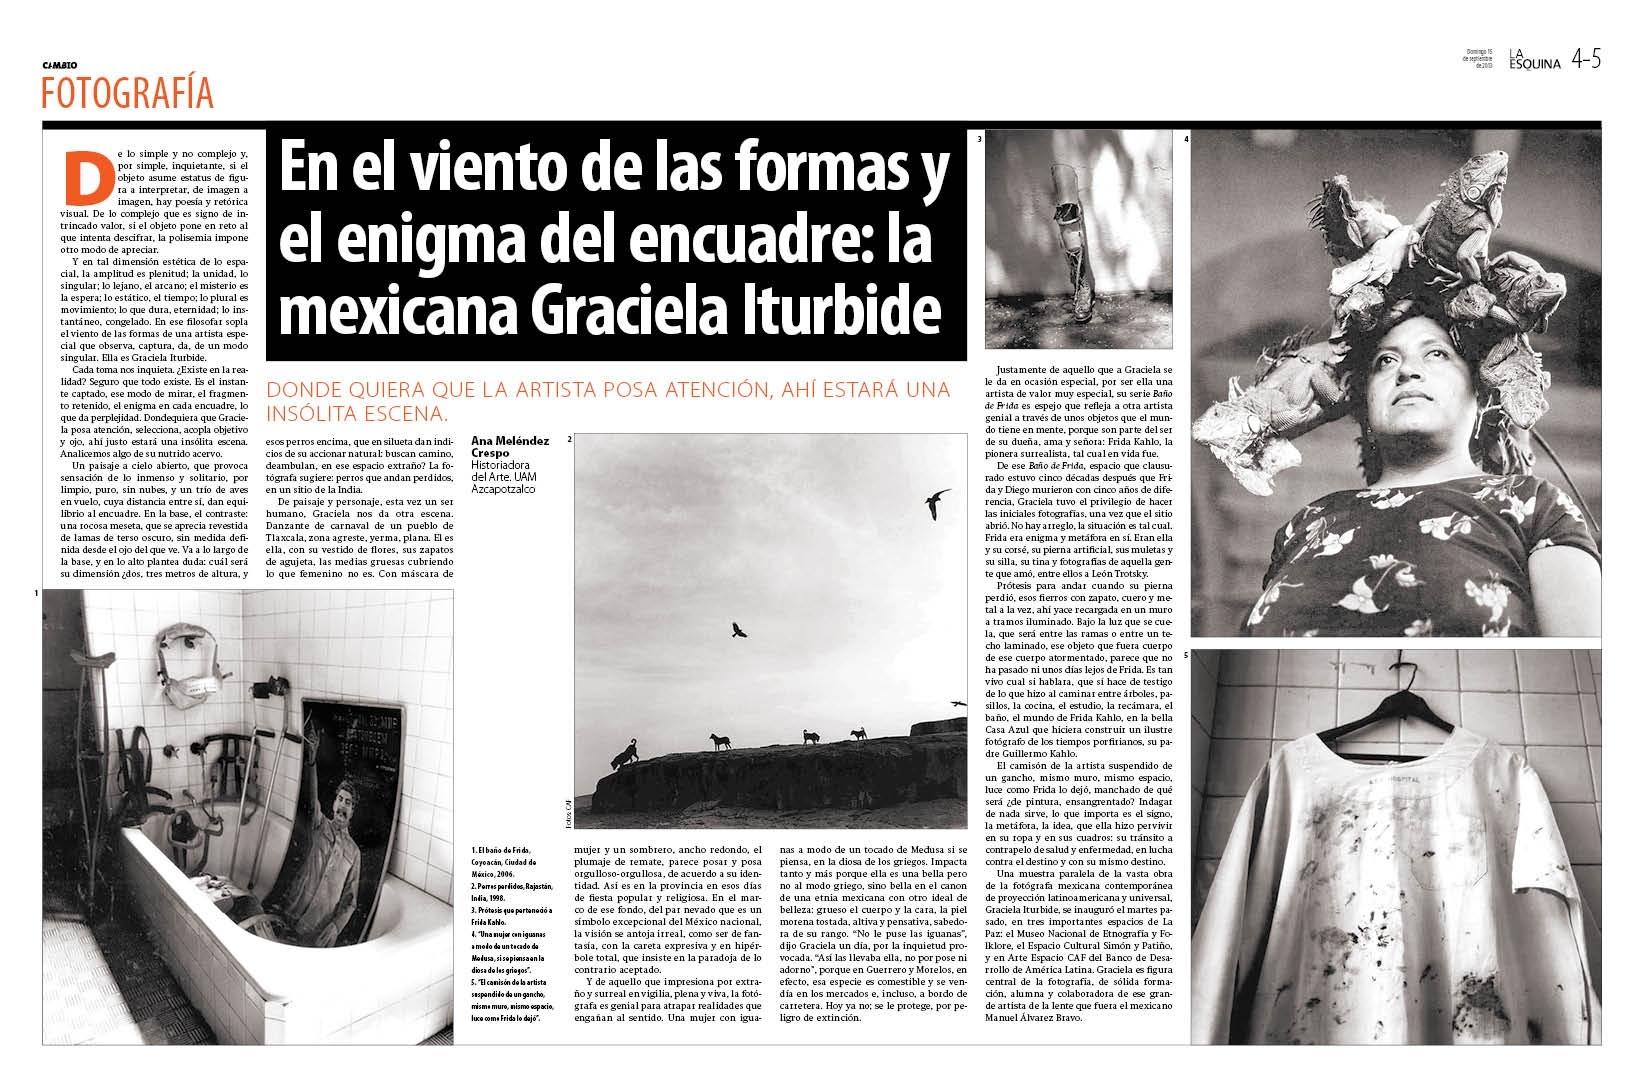 En el viento de las formas y el enigma del encuadre; la mexicana Gabriela Iturbide